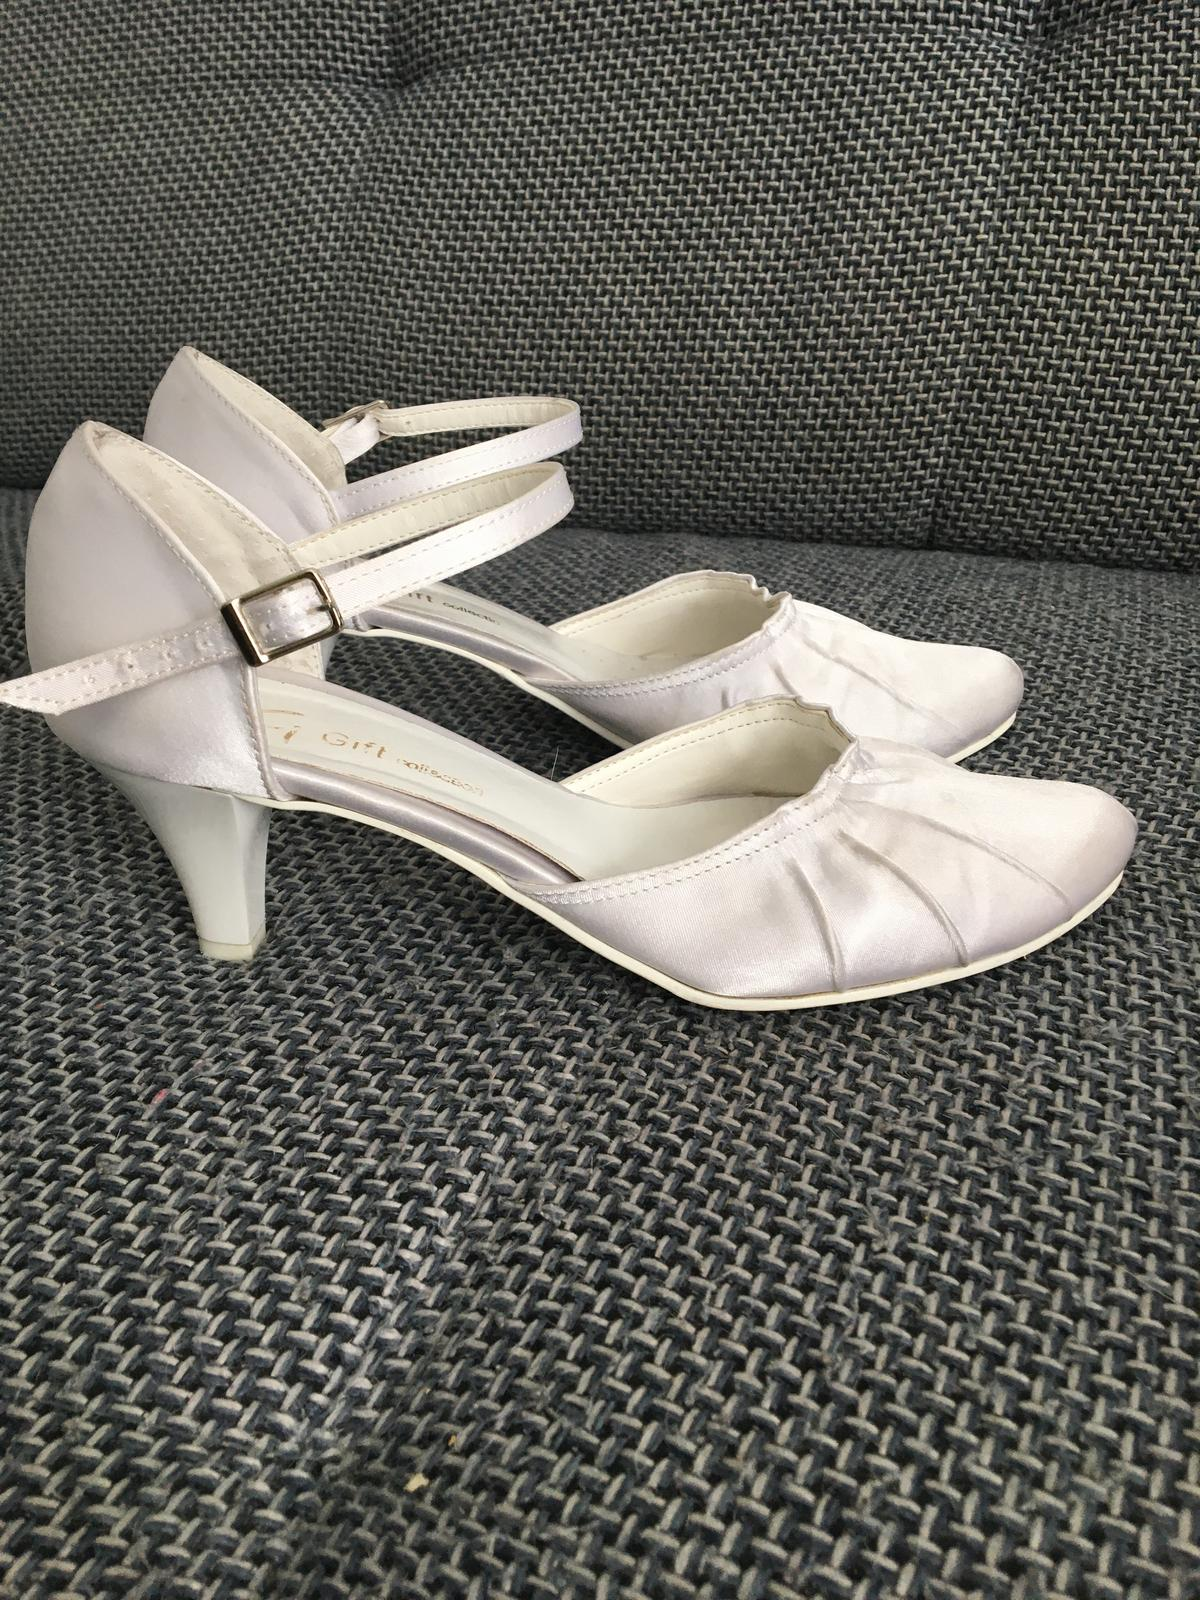 svadobne sandalky - Obrázok č. 1